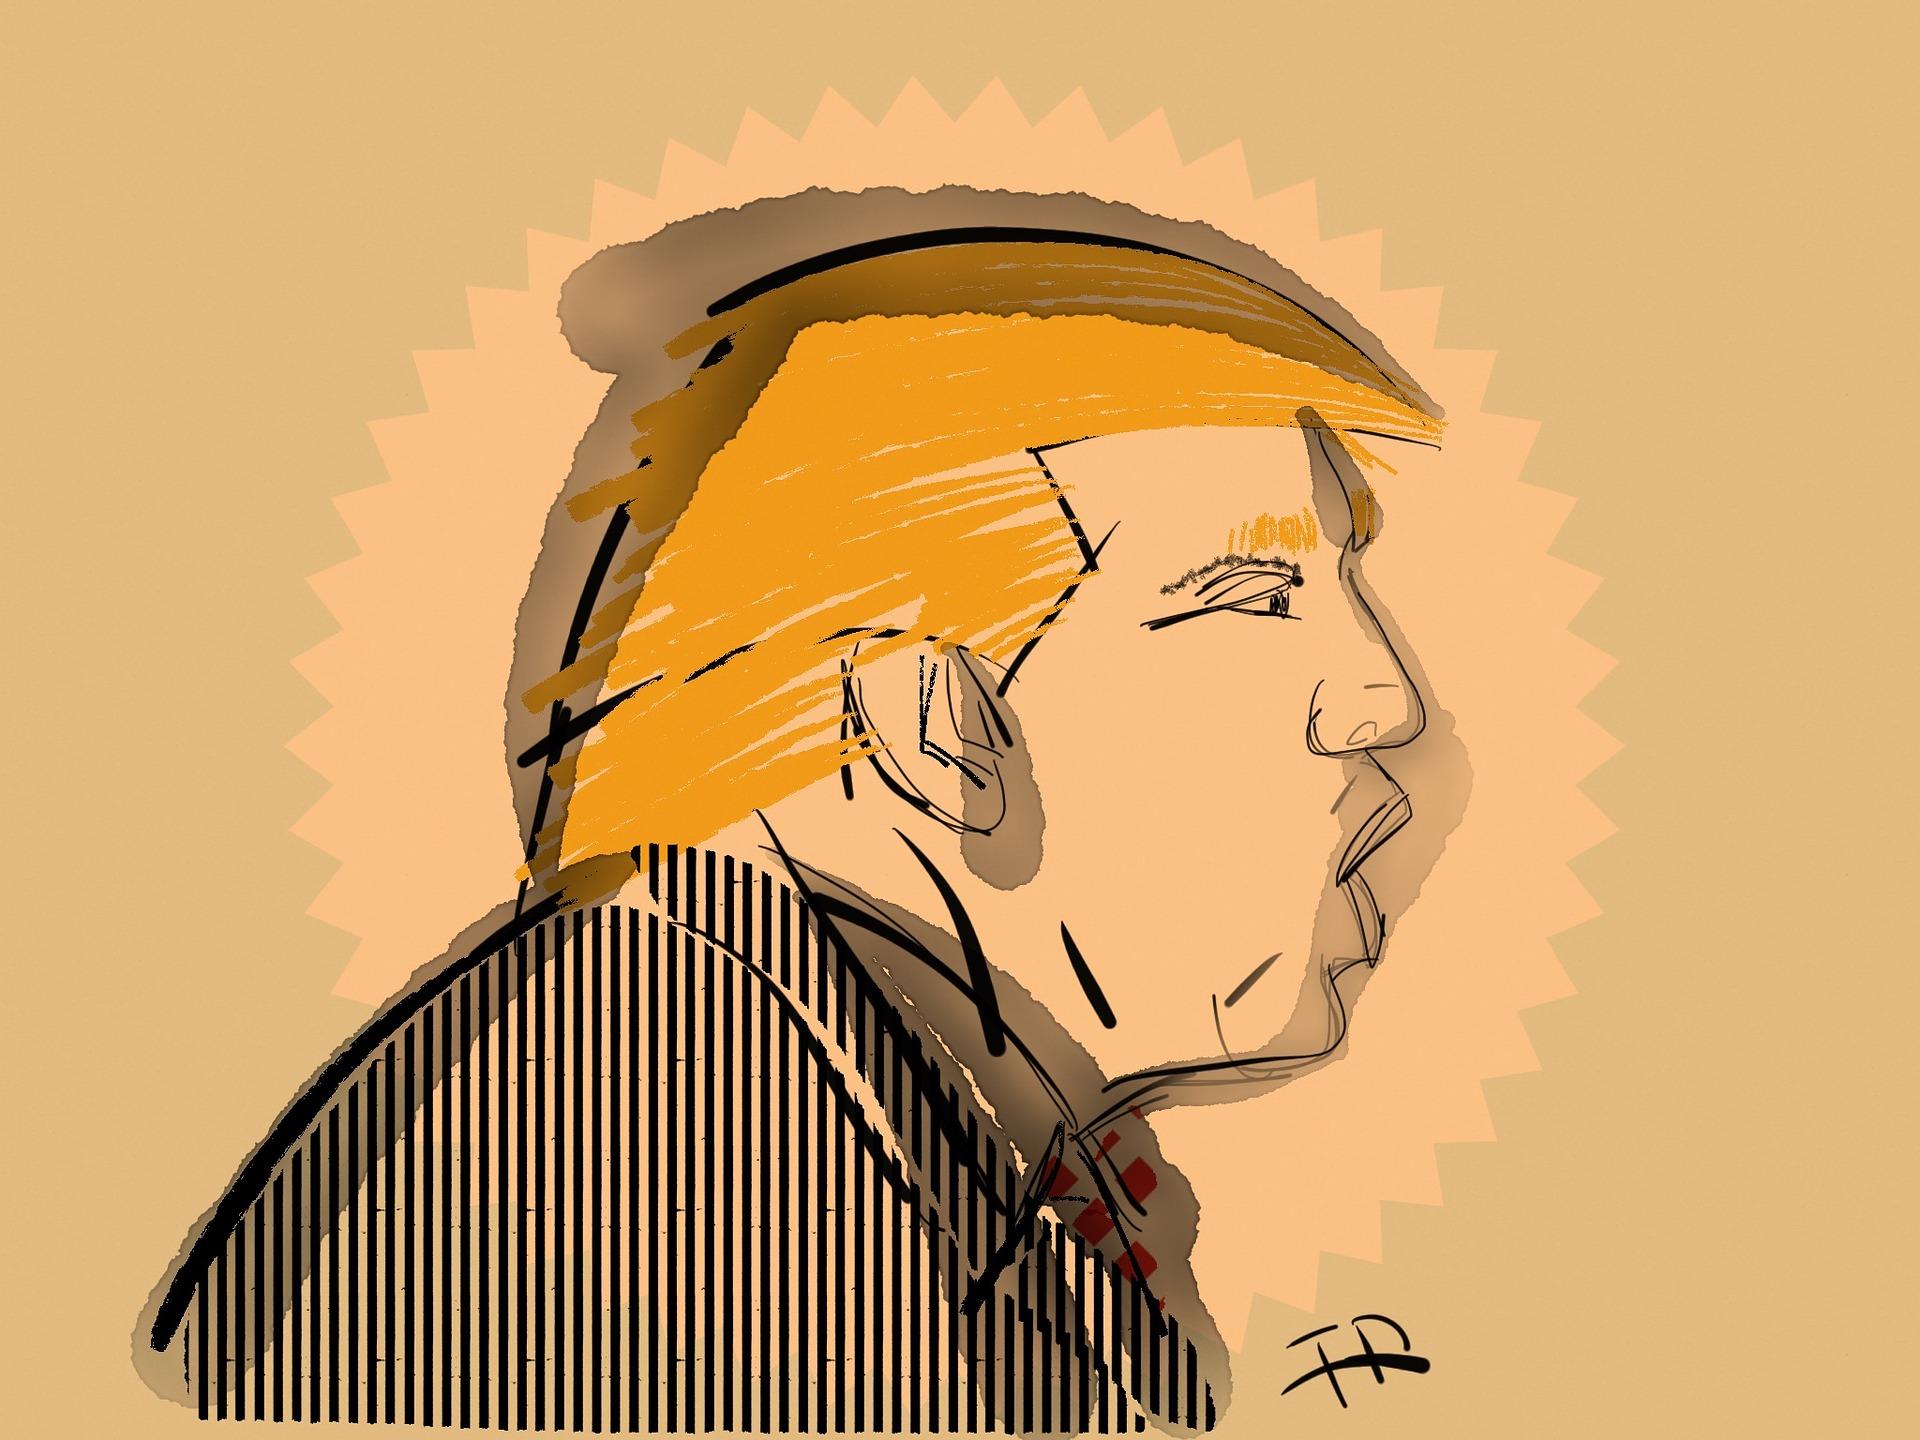 trump-1843504_1920.jpg